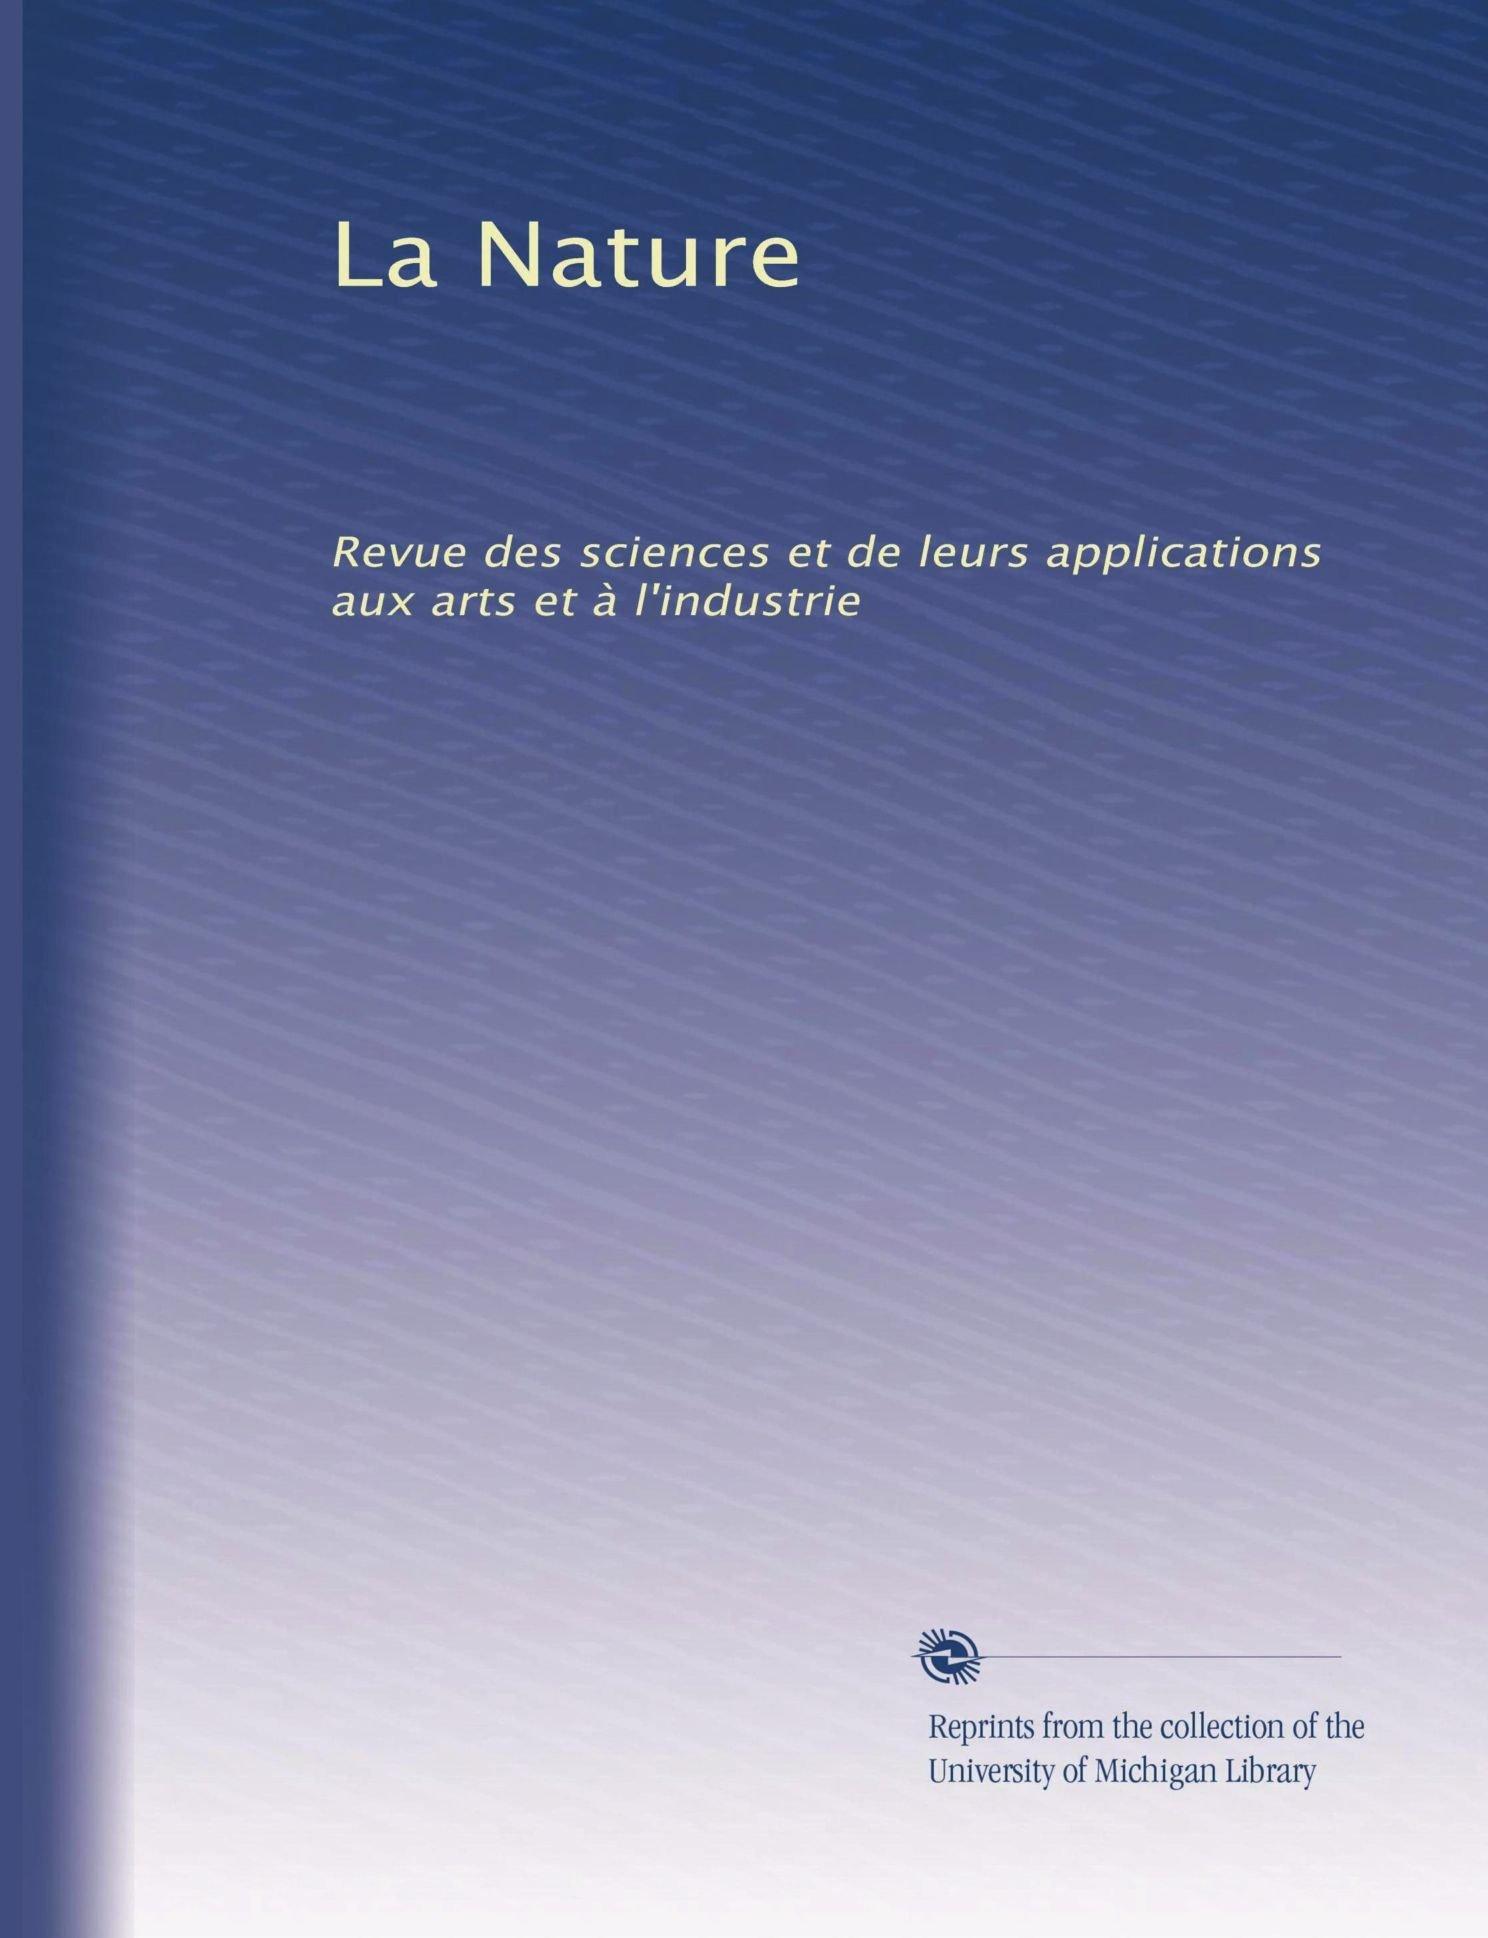 La Nature: Revue des sciences et de leurs applications aux arts et à l'industrie (Volume 5) (French Edition) pdf